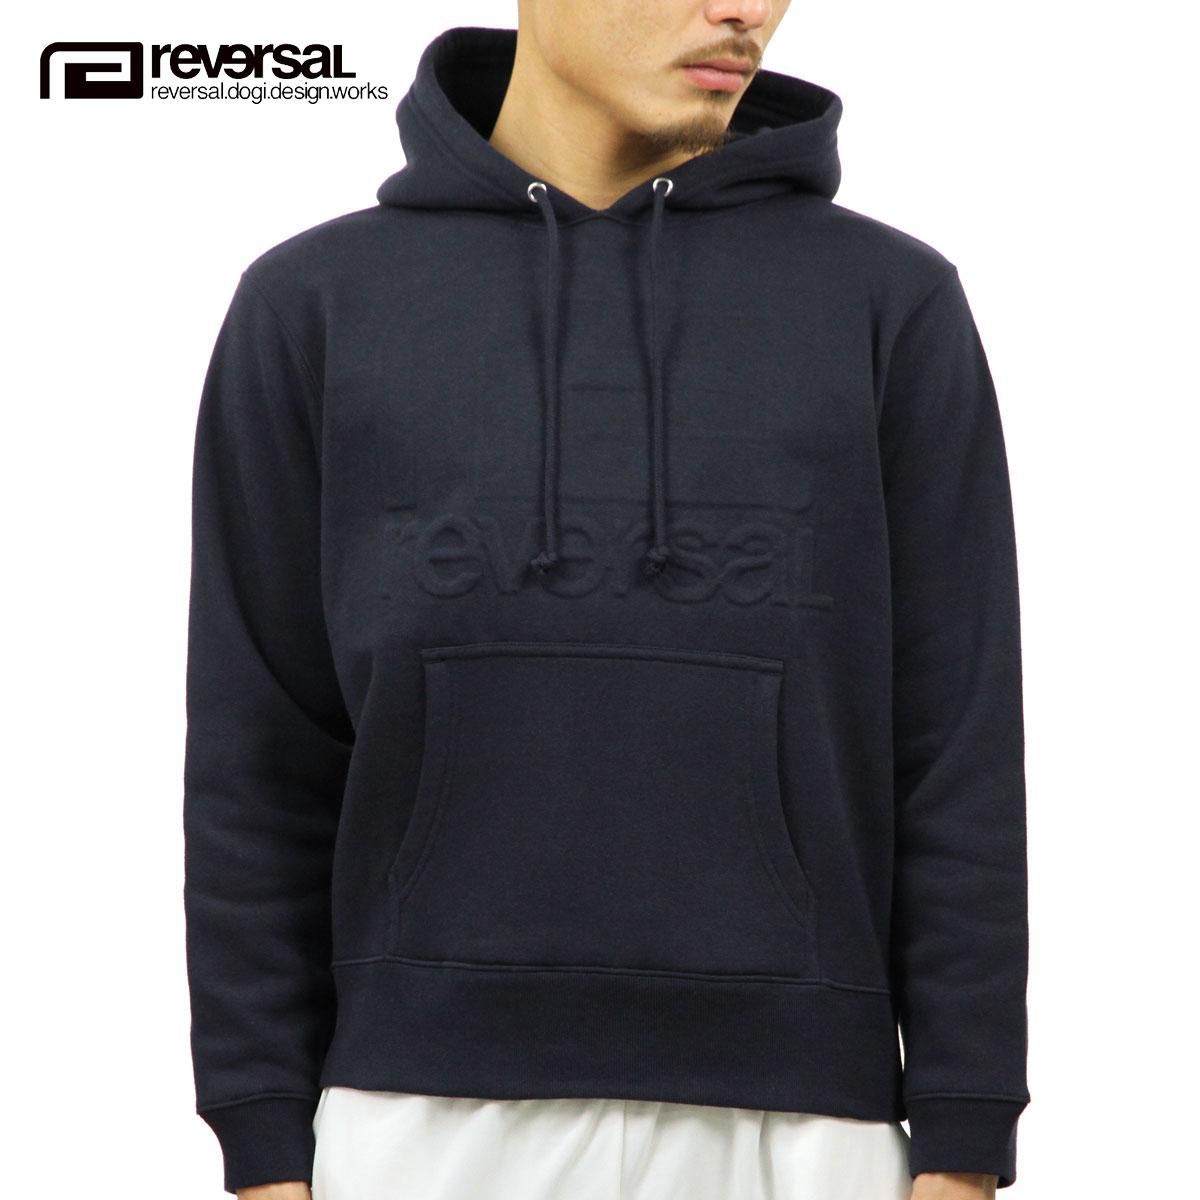 リバーサル REVERSAL 正規販売店 メンズ プルオーバーパーカー EMBOSS LOGO SWEAT PARKA rv17aw015 NAVY